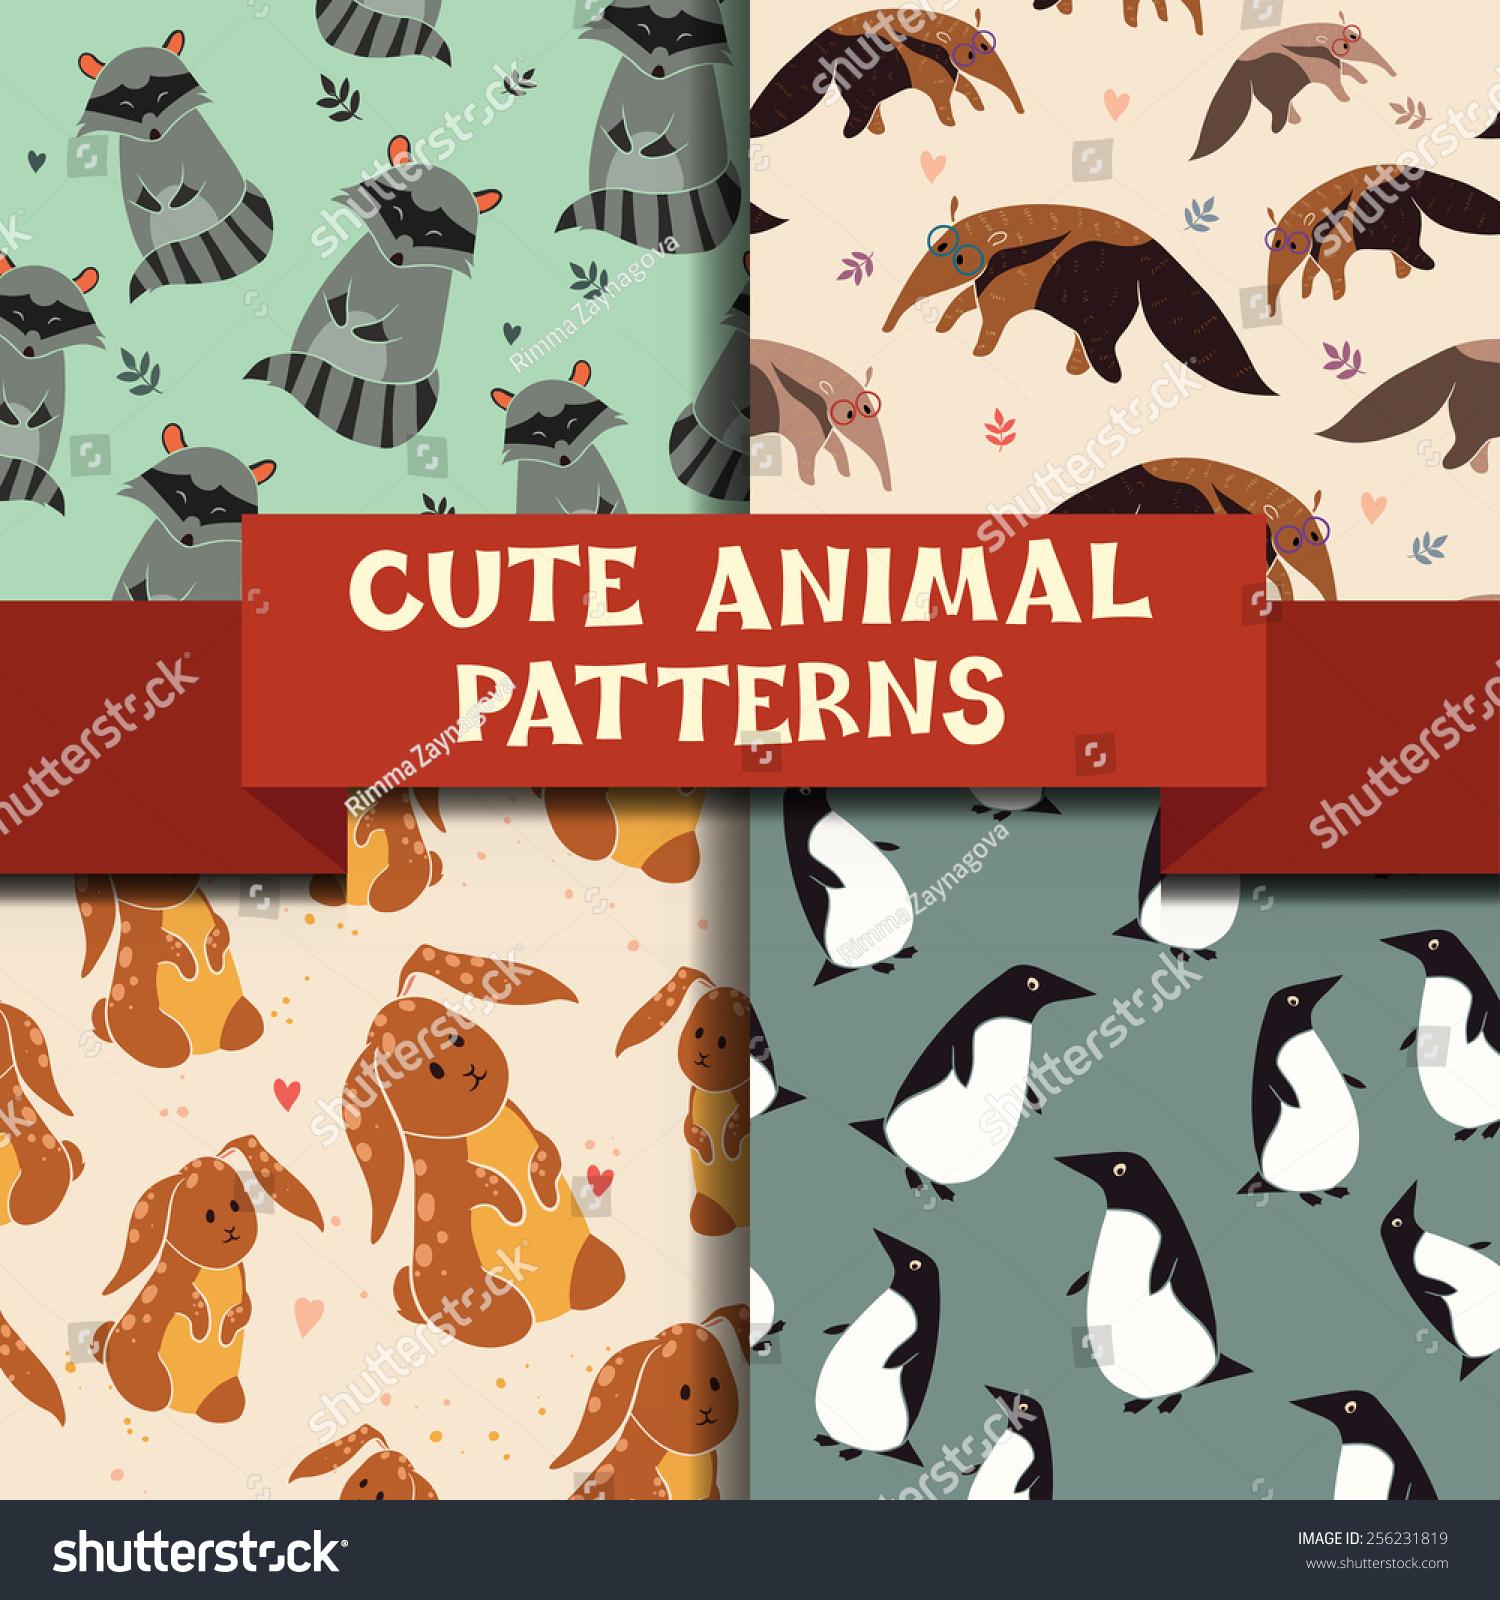 用可爱的动物集合4个传奇模式.企鹅